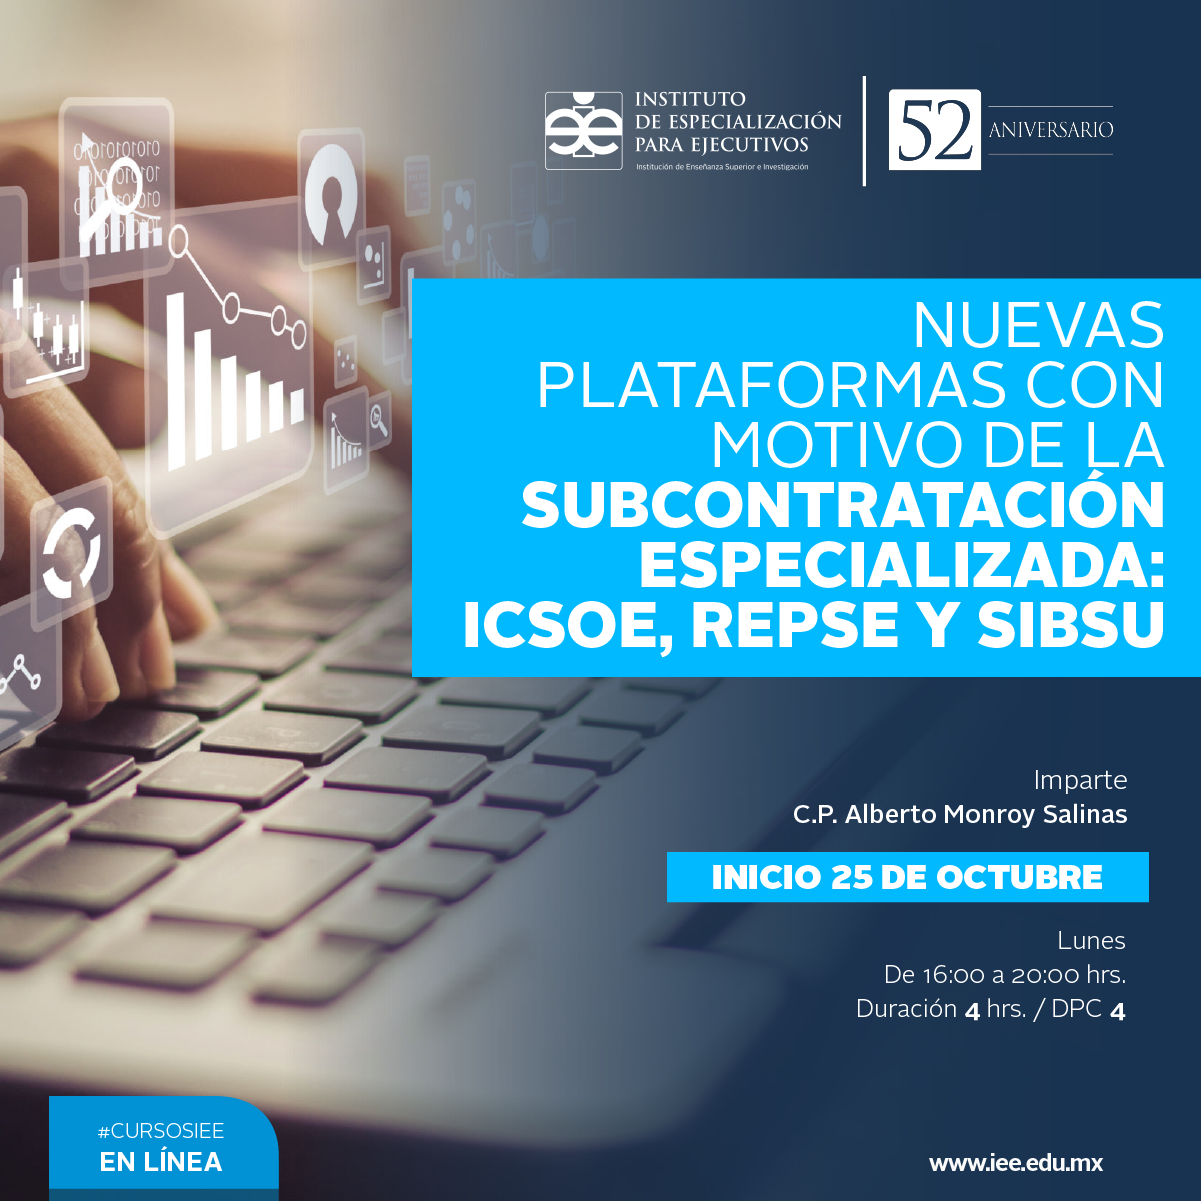 Curso en Línea en Nuevas Plataformas con Motivo de la Subcontratación Especializada: ICSOE, REPSE y SIBSU